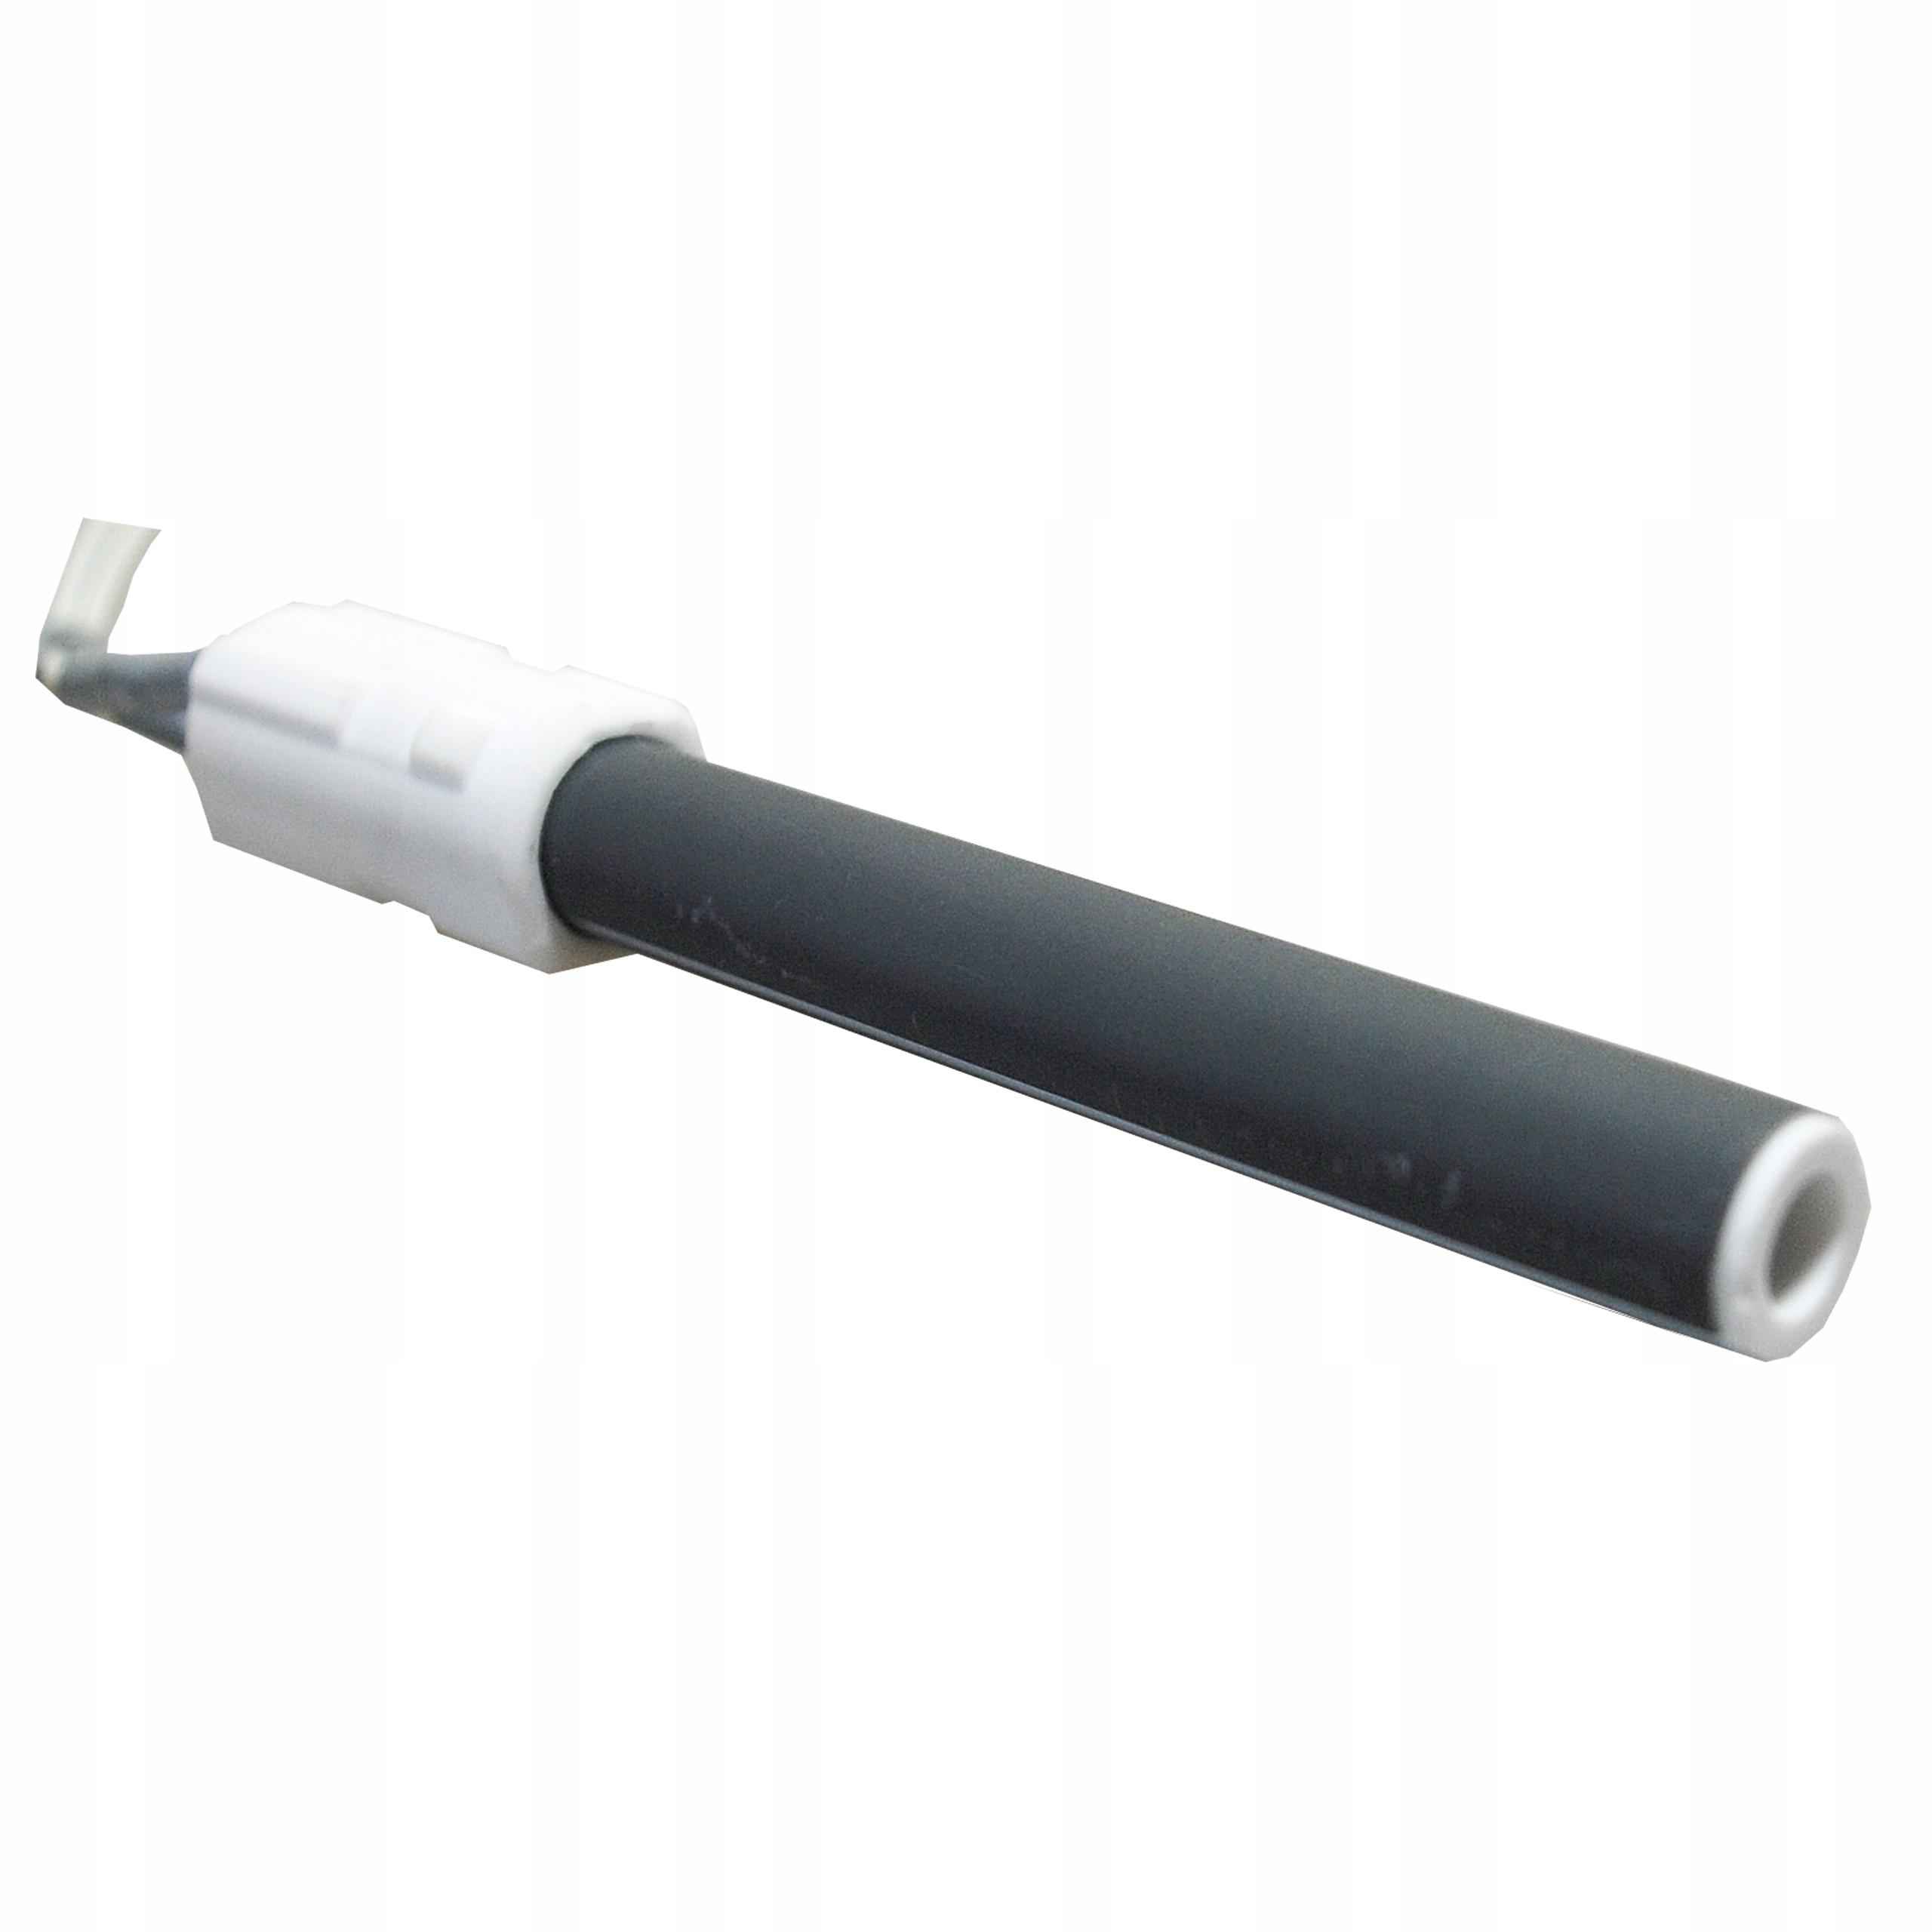 Keramický zapaľovač na pelety PSx-2 GOWI 0103 Typ sporáka dvojfunkčný dvojfunkčný s nádržou na teplú úžitkovú vodu jednoúčelová spaľovacia komora